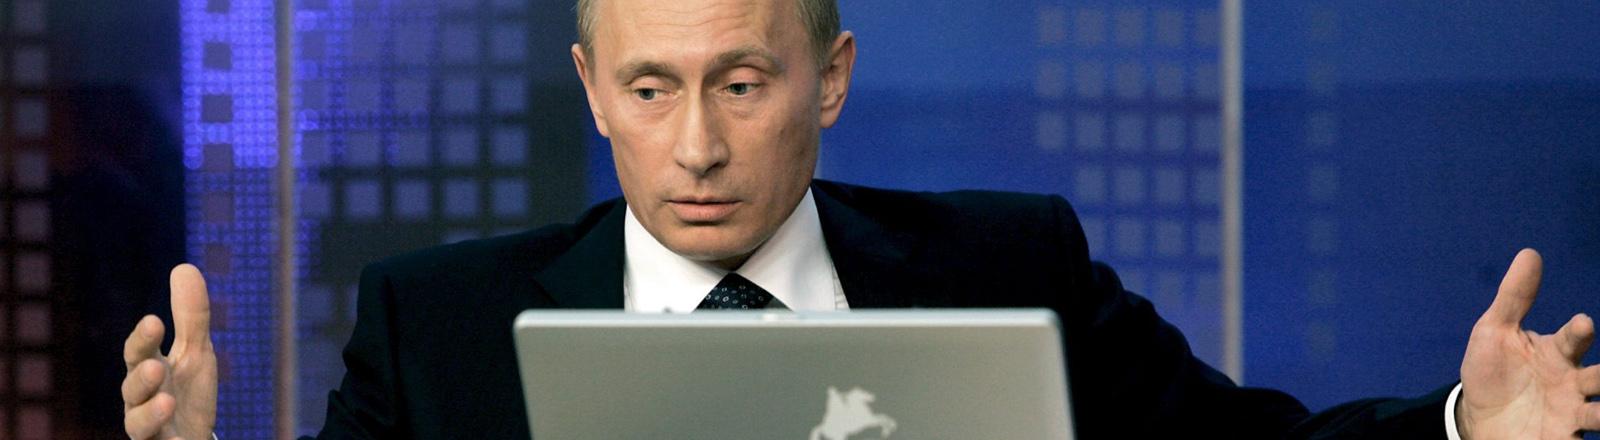 Wladimir Putin vor einem Laptop